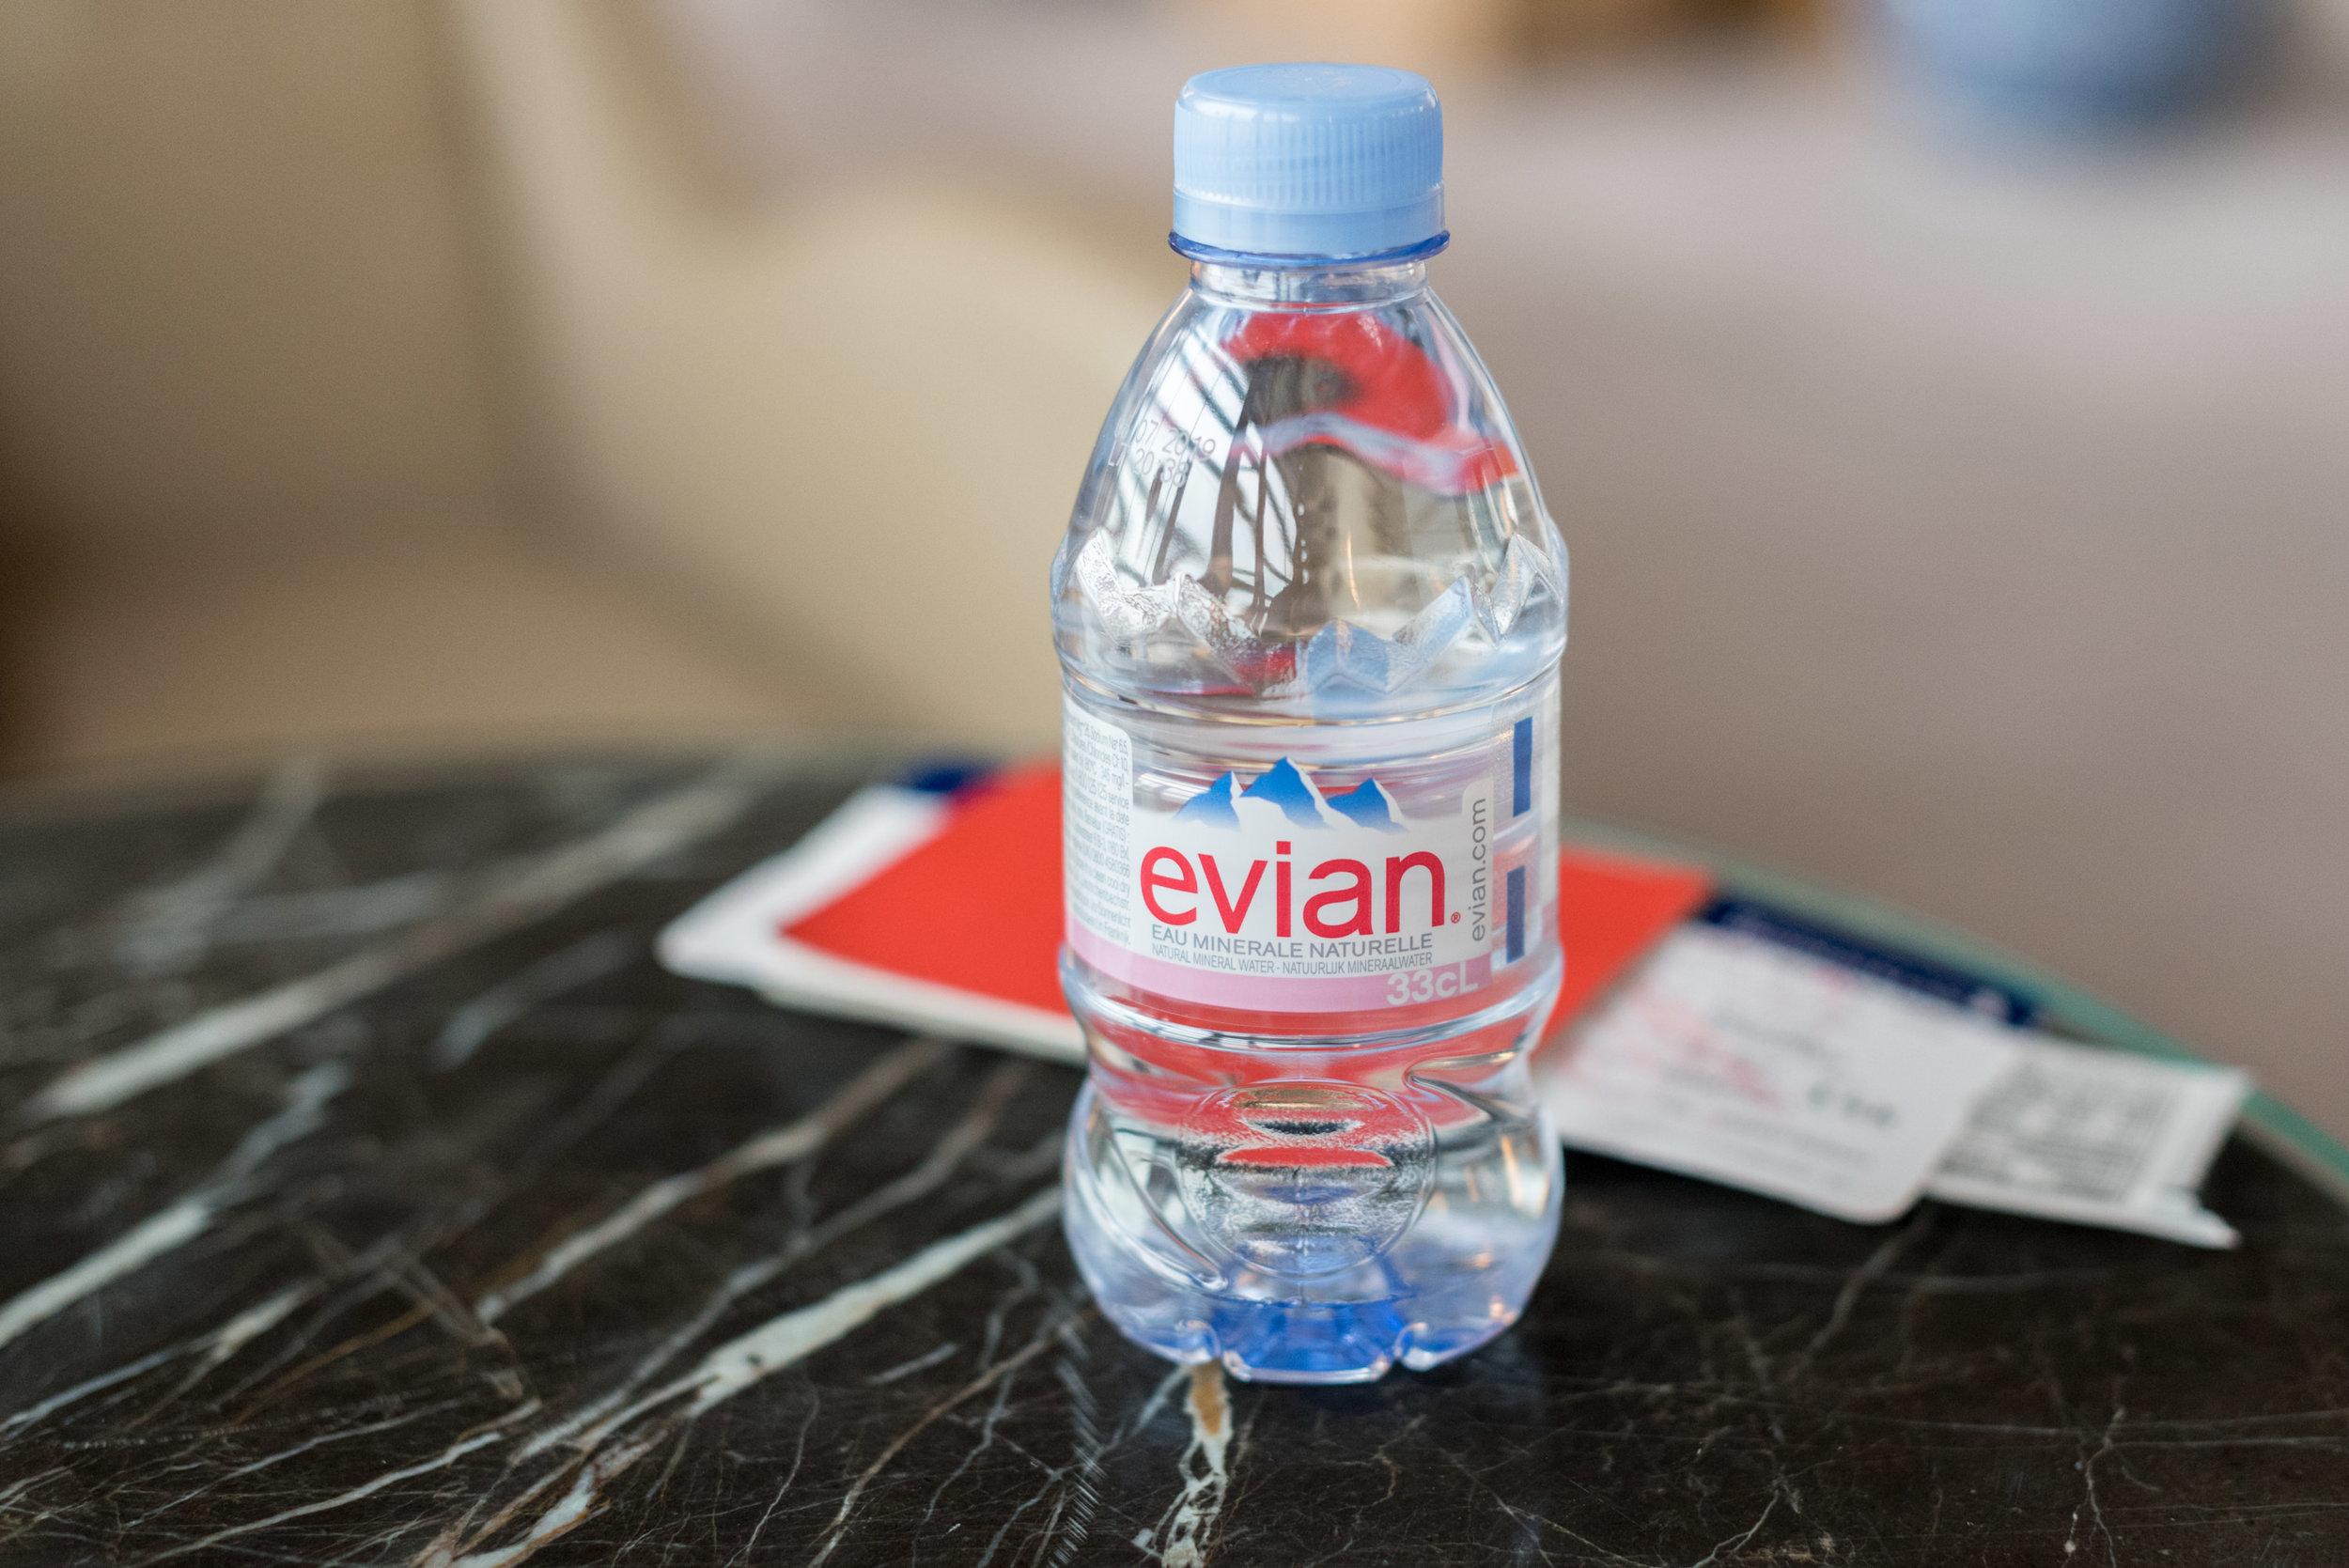 Evian Bottled Water  Air China First Class Lounge - Beijing Capital International Airport (PEK)